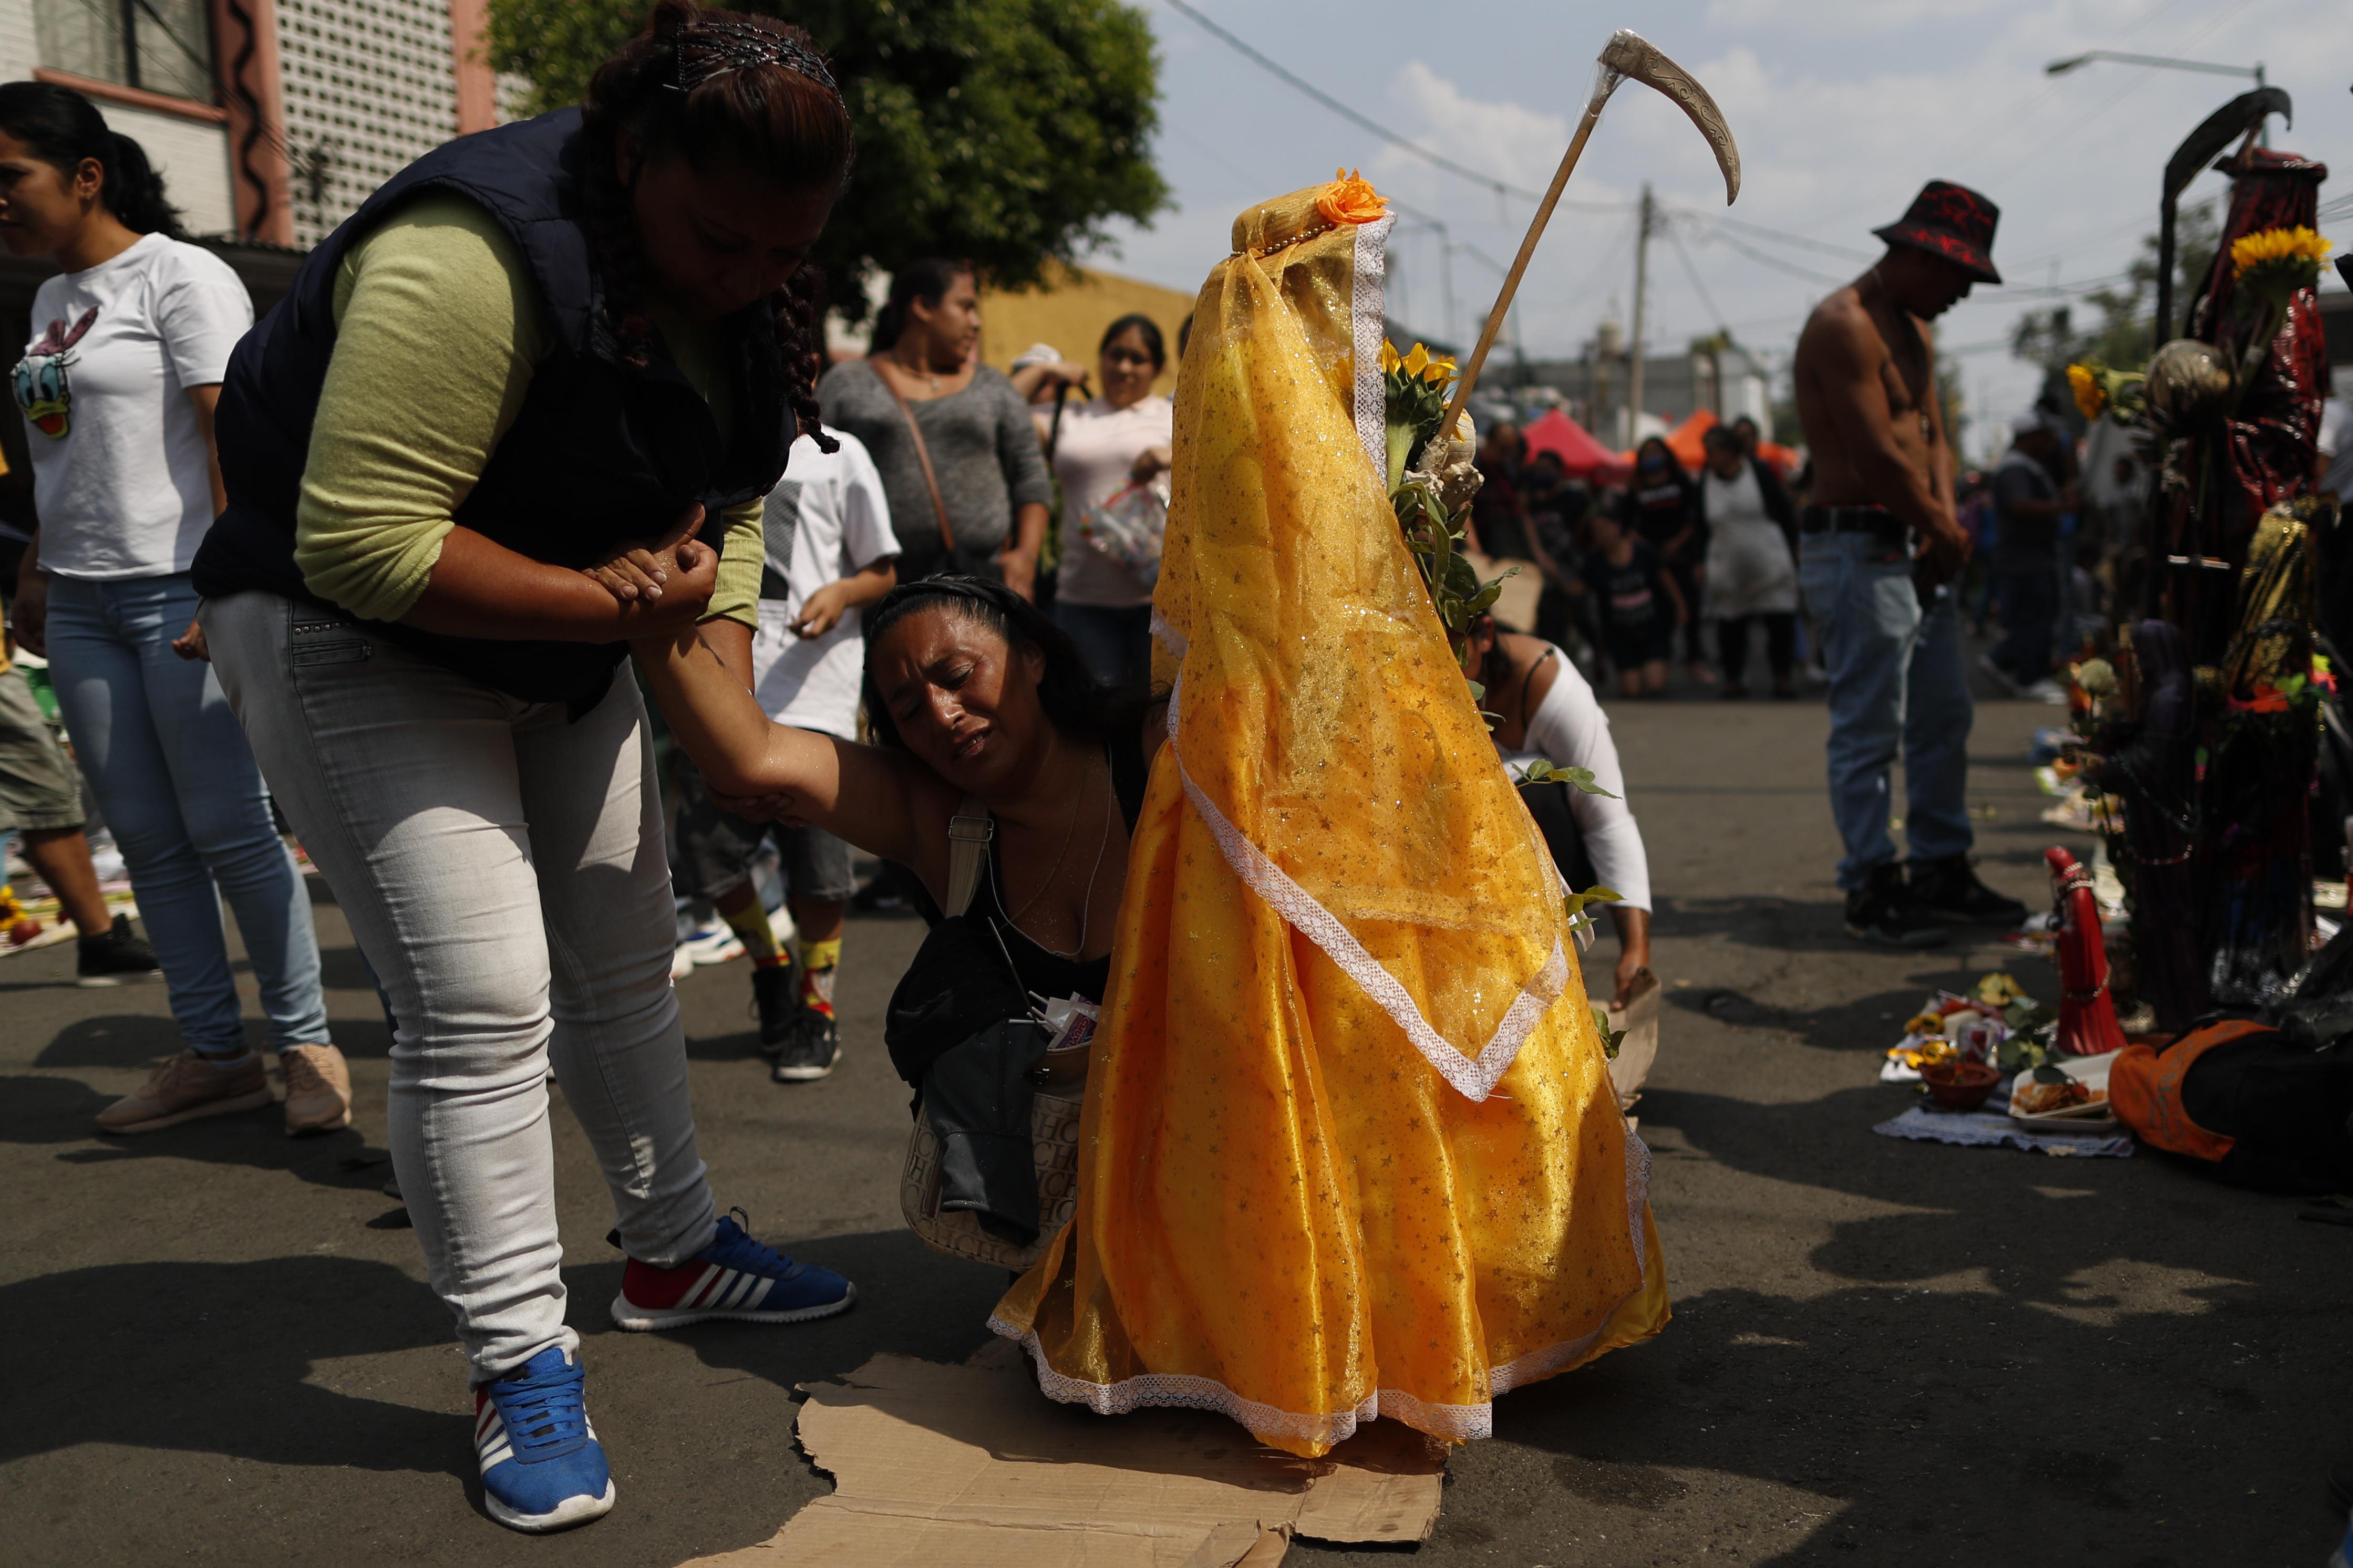 Una amiga ayuda a Victoria Moreno, de 43 años, quien lucha por llegar de rodillas al altar de la Santa Muerte, una promesa que Moreno había hecho al pedirle a la santa que ayudara a salvar a su hija que sufría de apendicitis. (Foto: AP / Rebecca Blackwell)